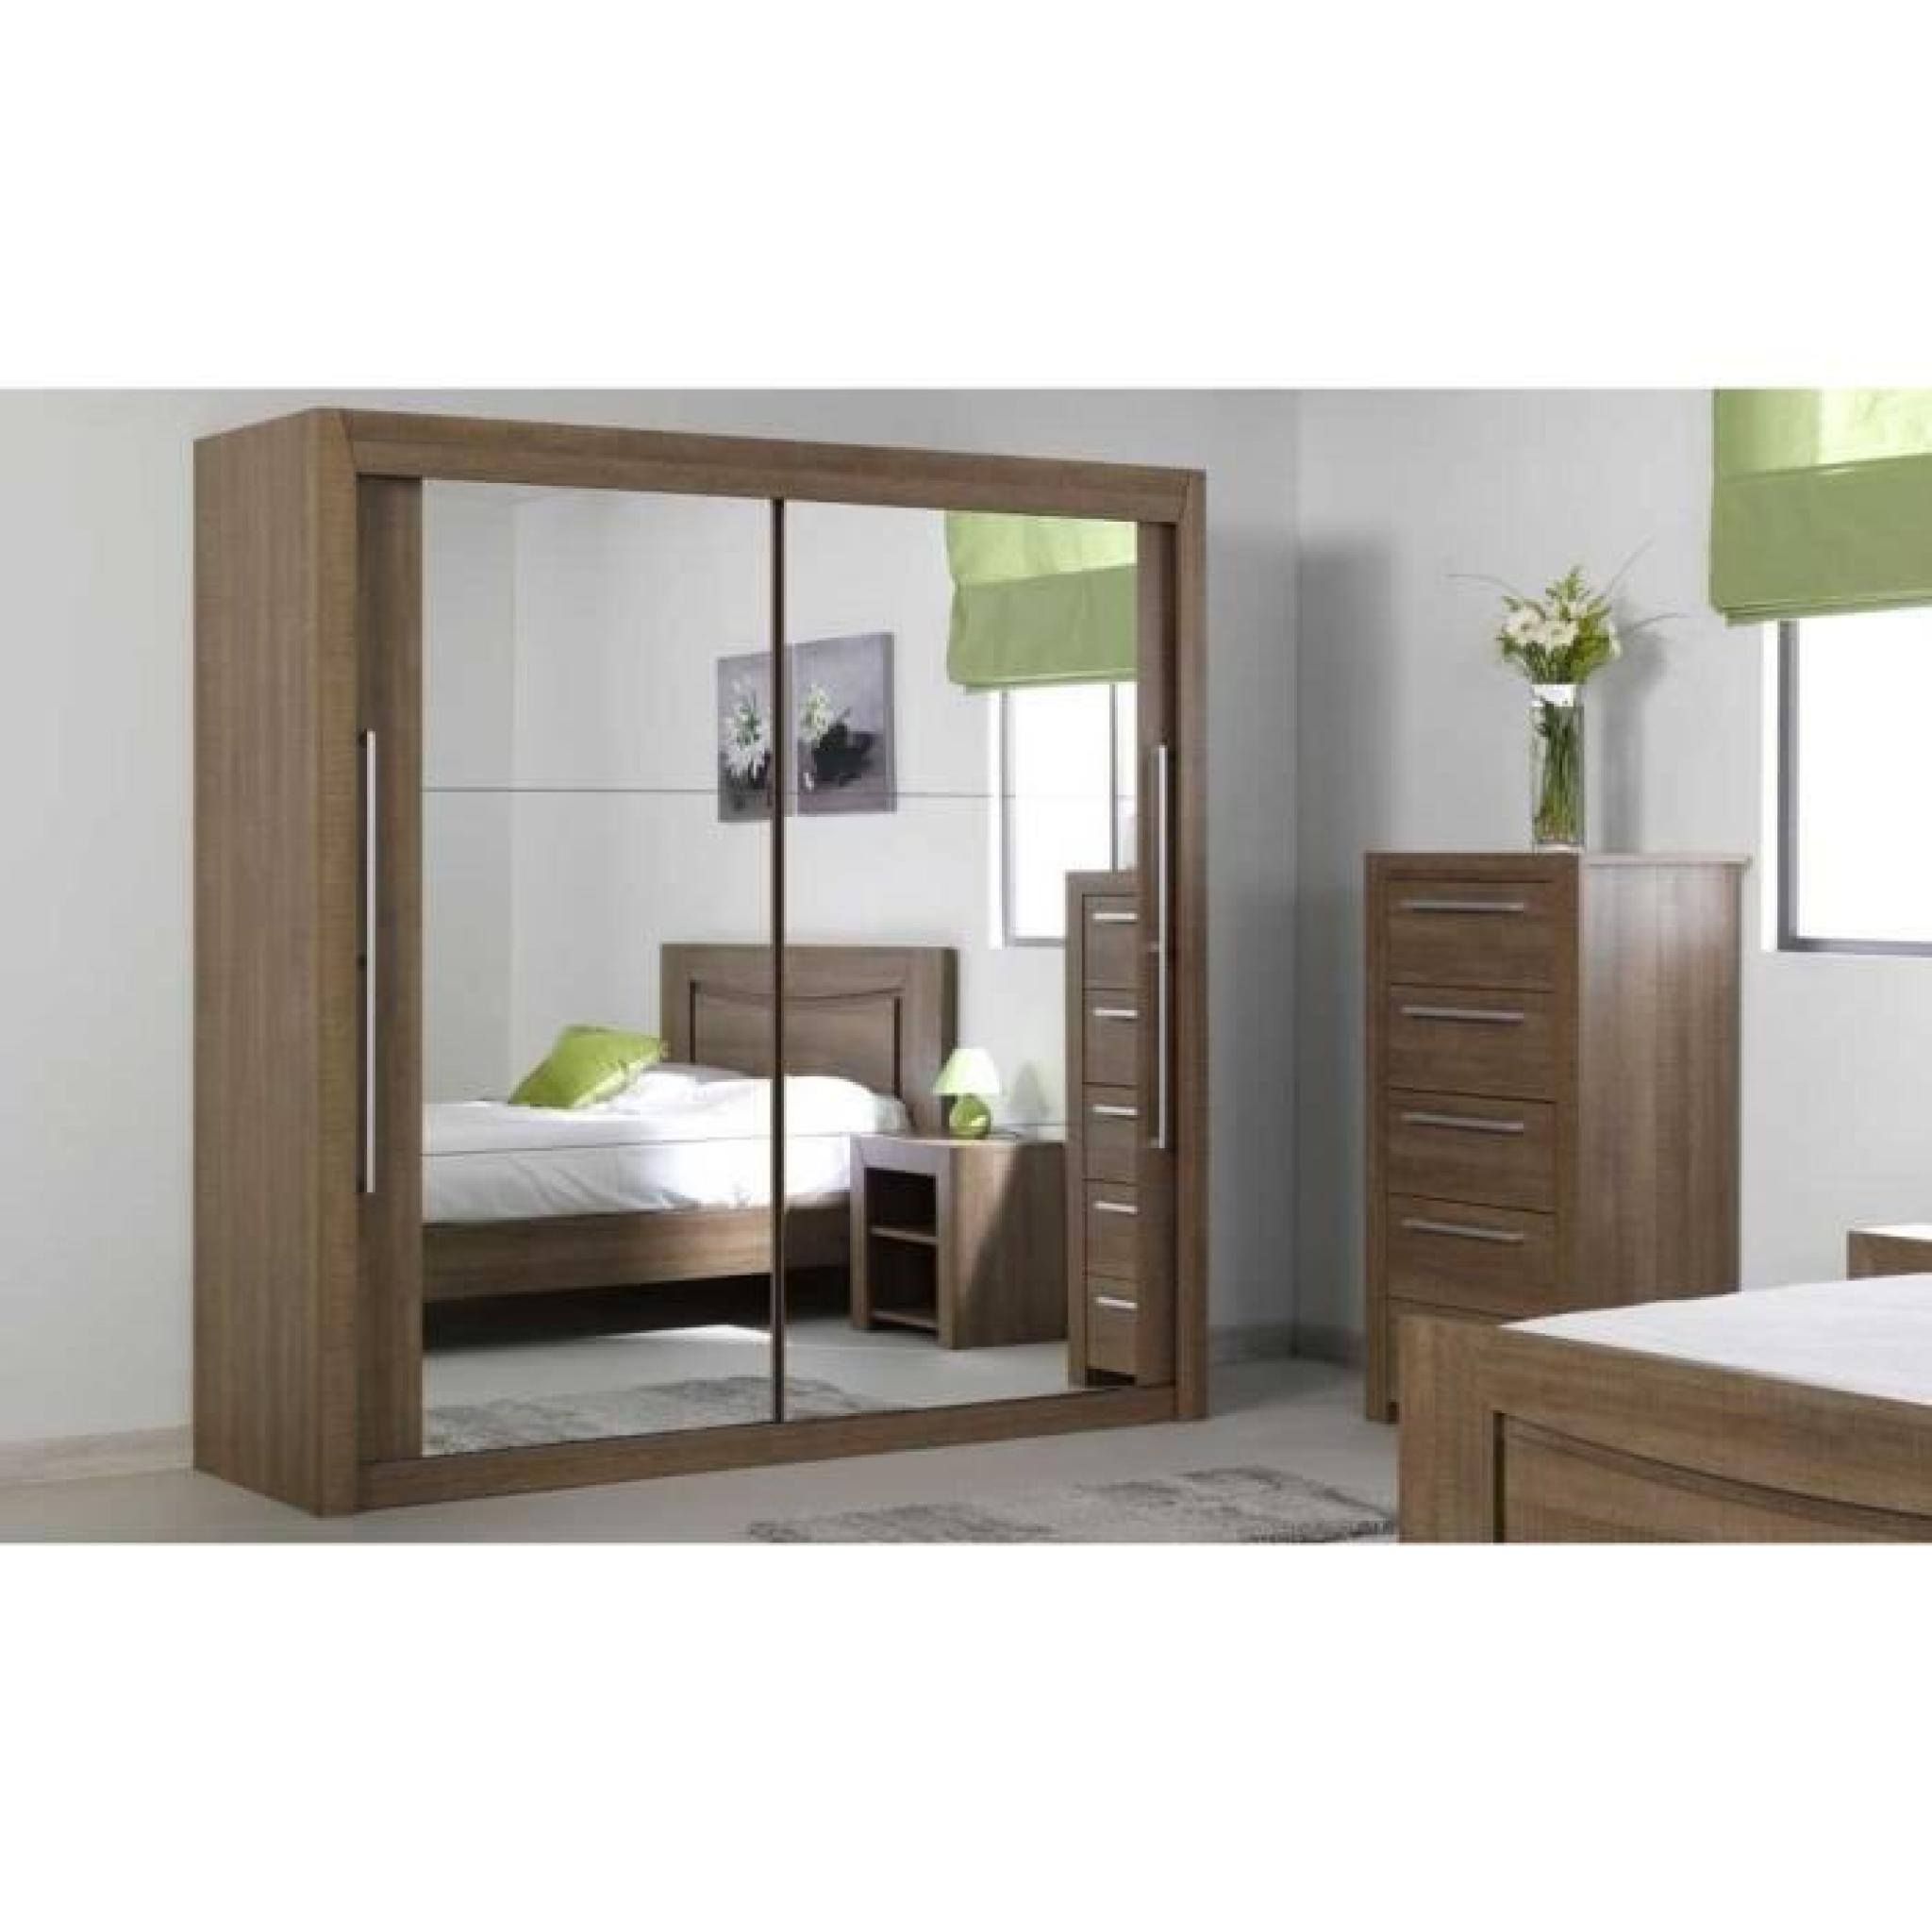 armoire coulissante bora bois portes miroirs achat vente. Black Bedroom Furniture Sets. Home Design Ideas